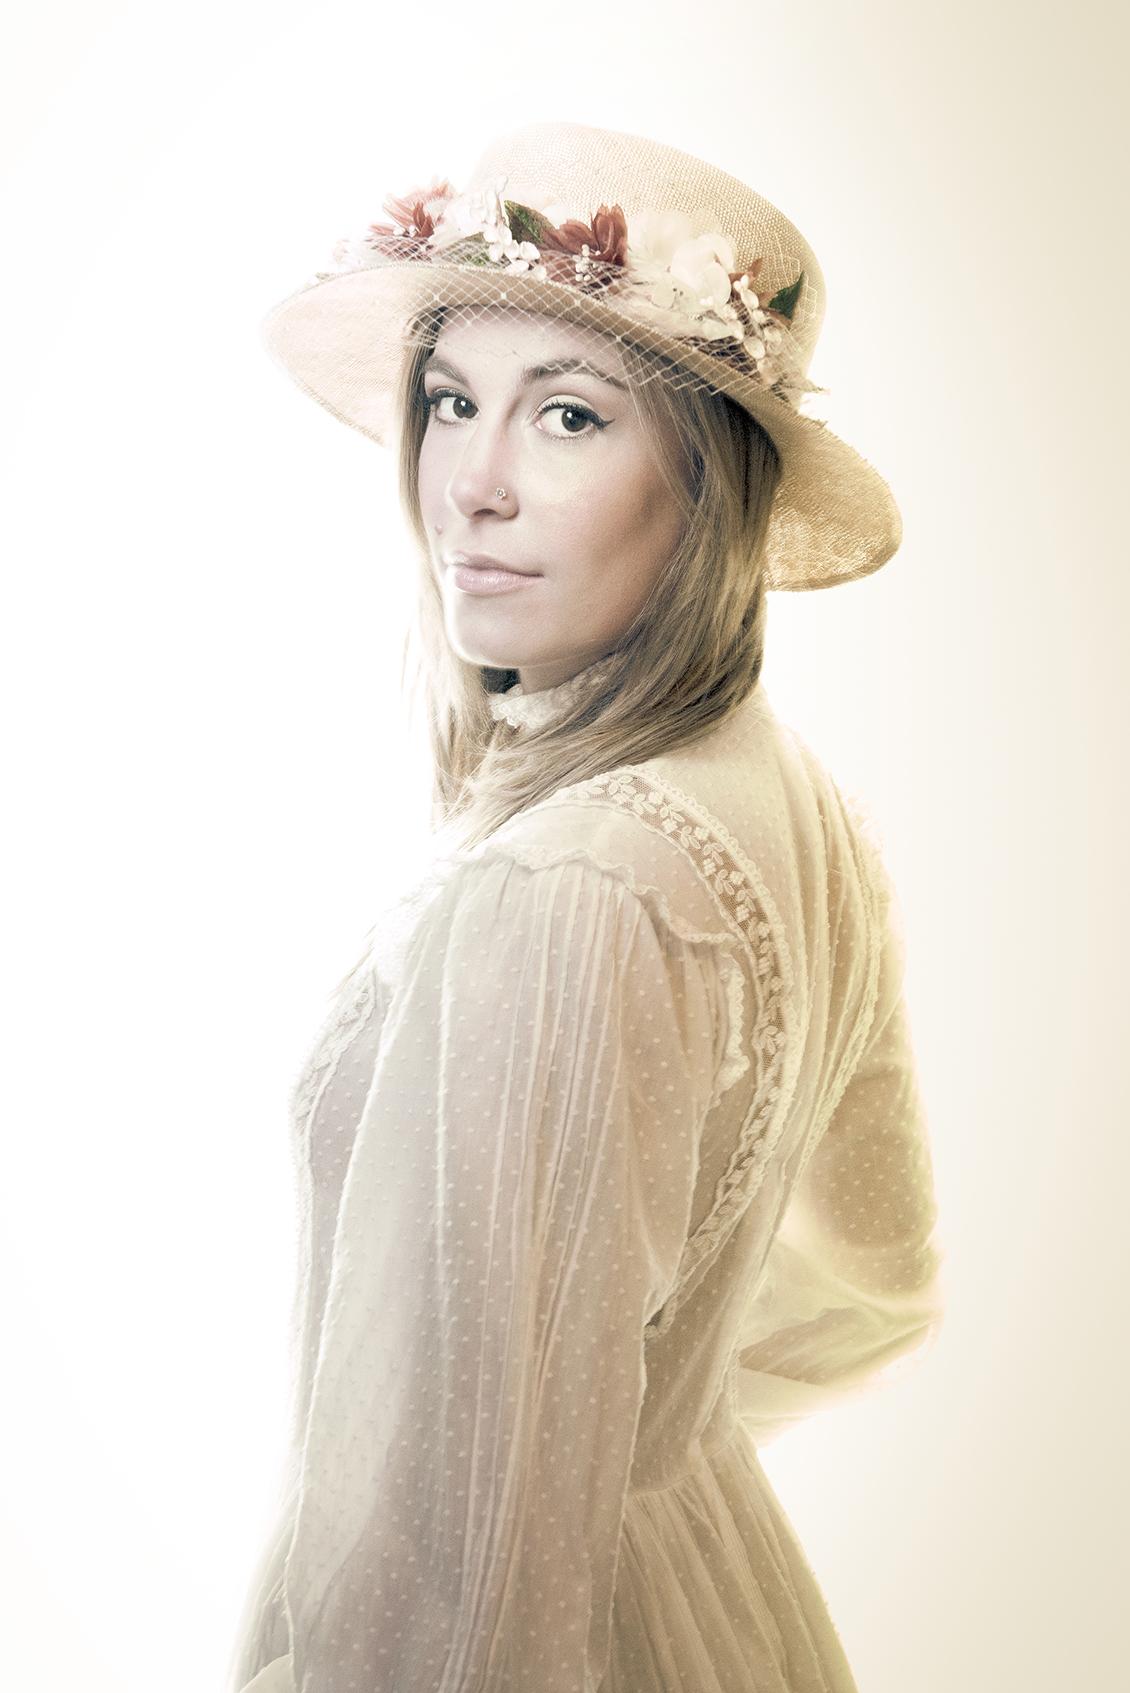 Kylie-Serebro-3-mikebellphotography